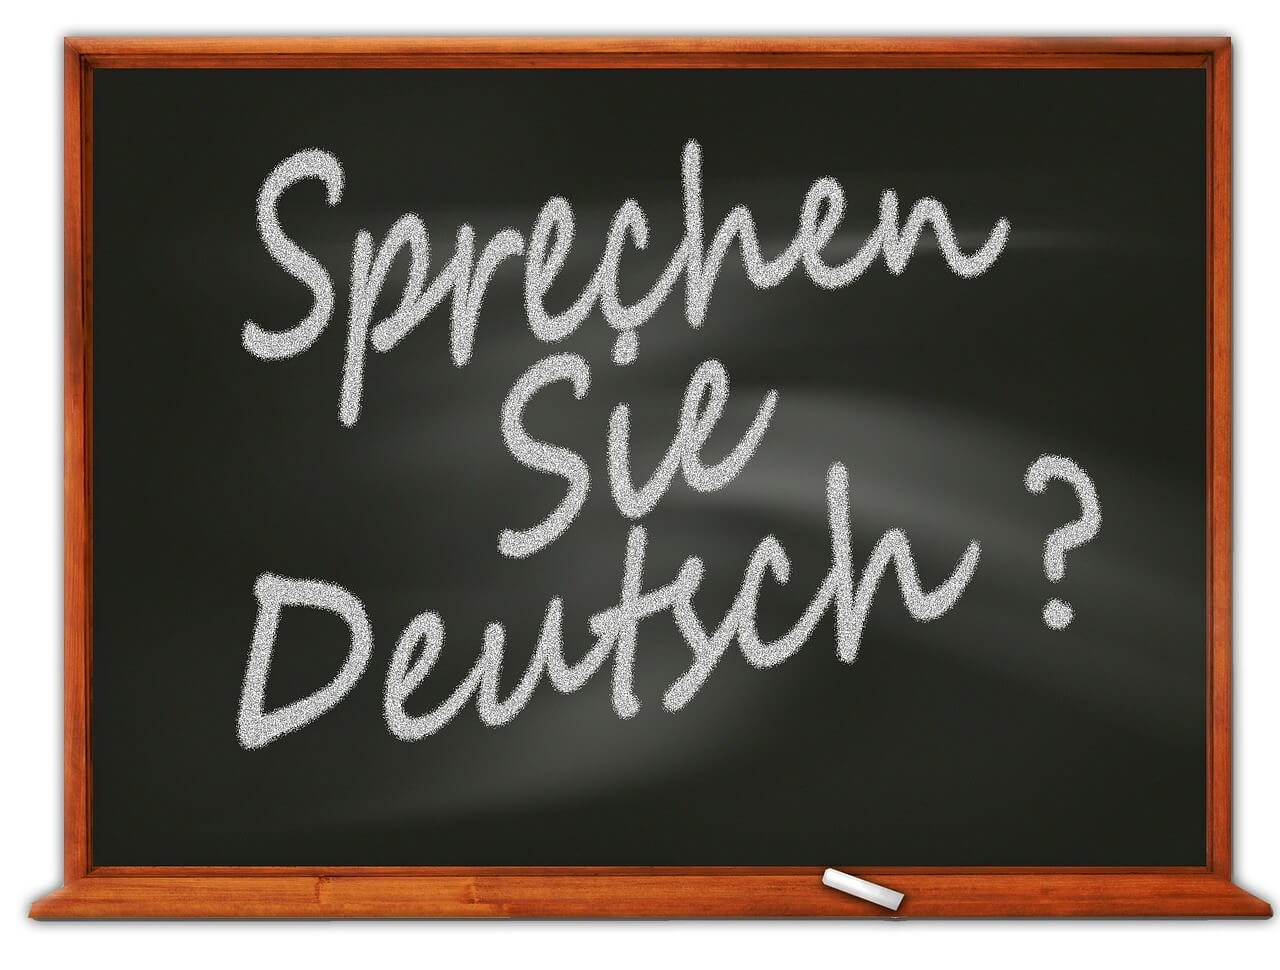 Apprendre l'allemand pour voyager en Allemagne ou en Autriche : vaut-il mieux Babbel ou Duolingo? 8